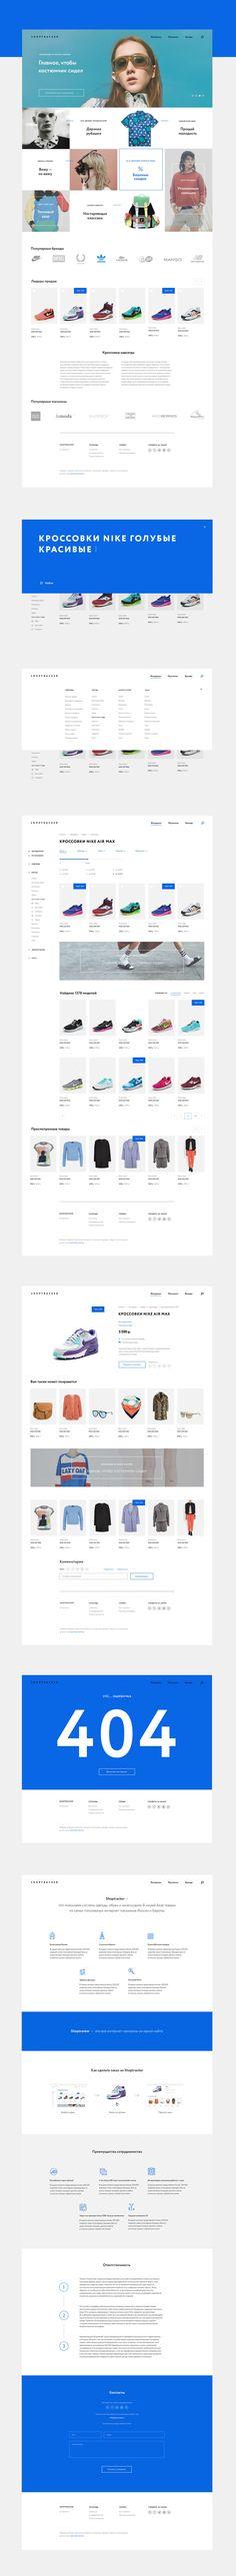 Shoptracker.jpg (1250×13650)